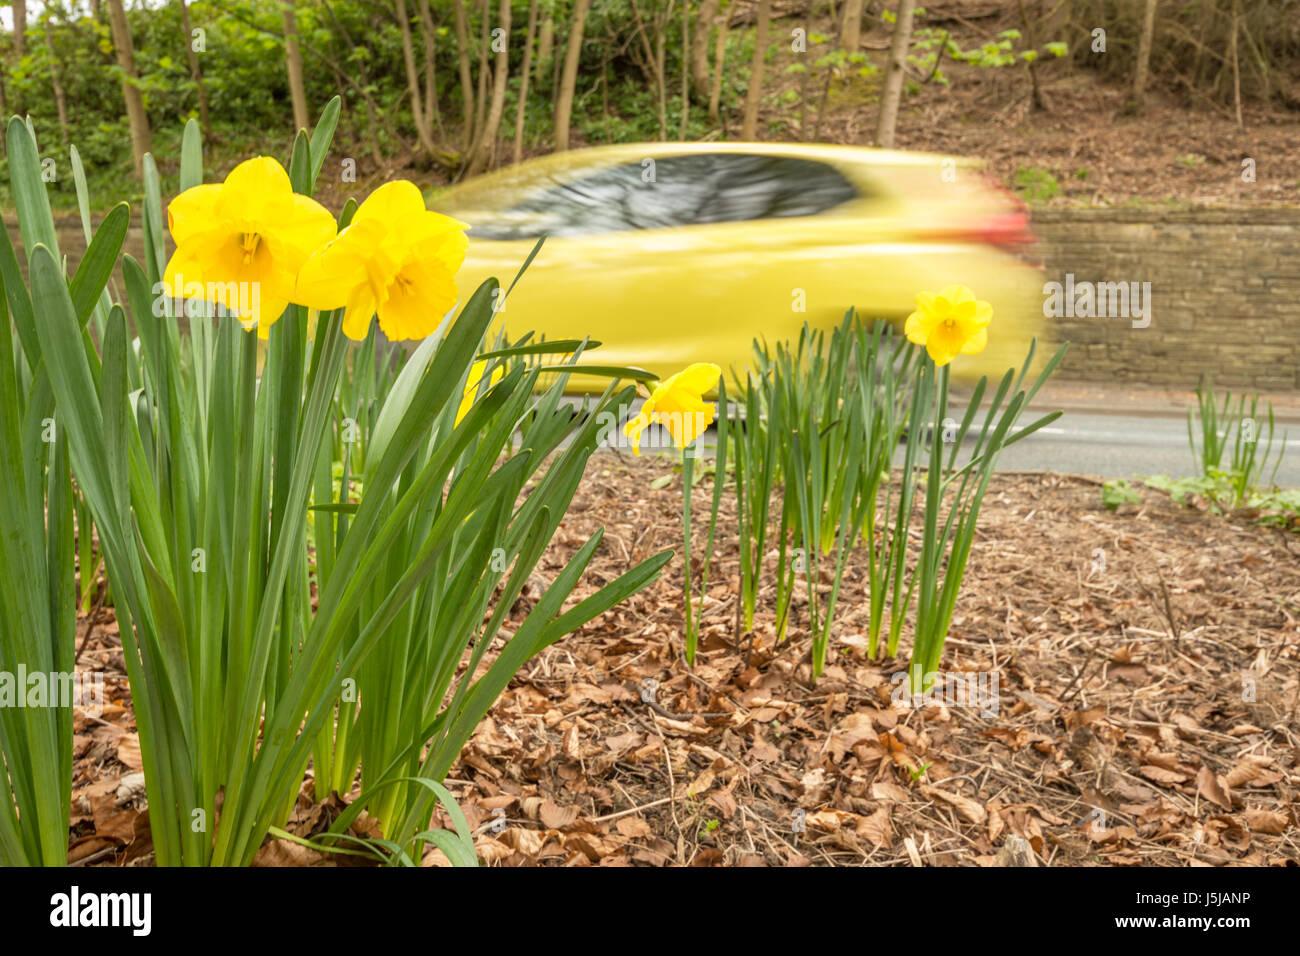 Un giallo auto pilotati veloci e accelerazione Immagini Stock